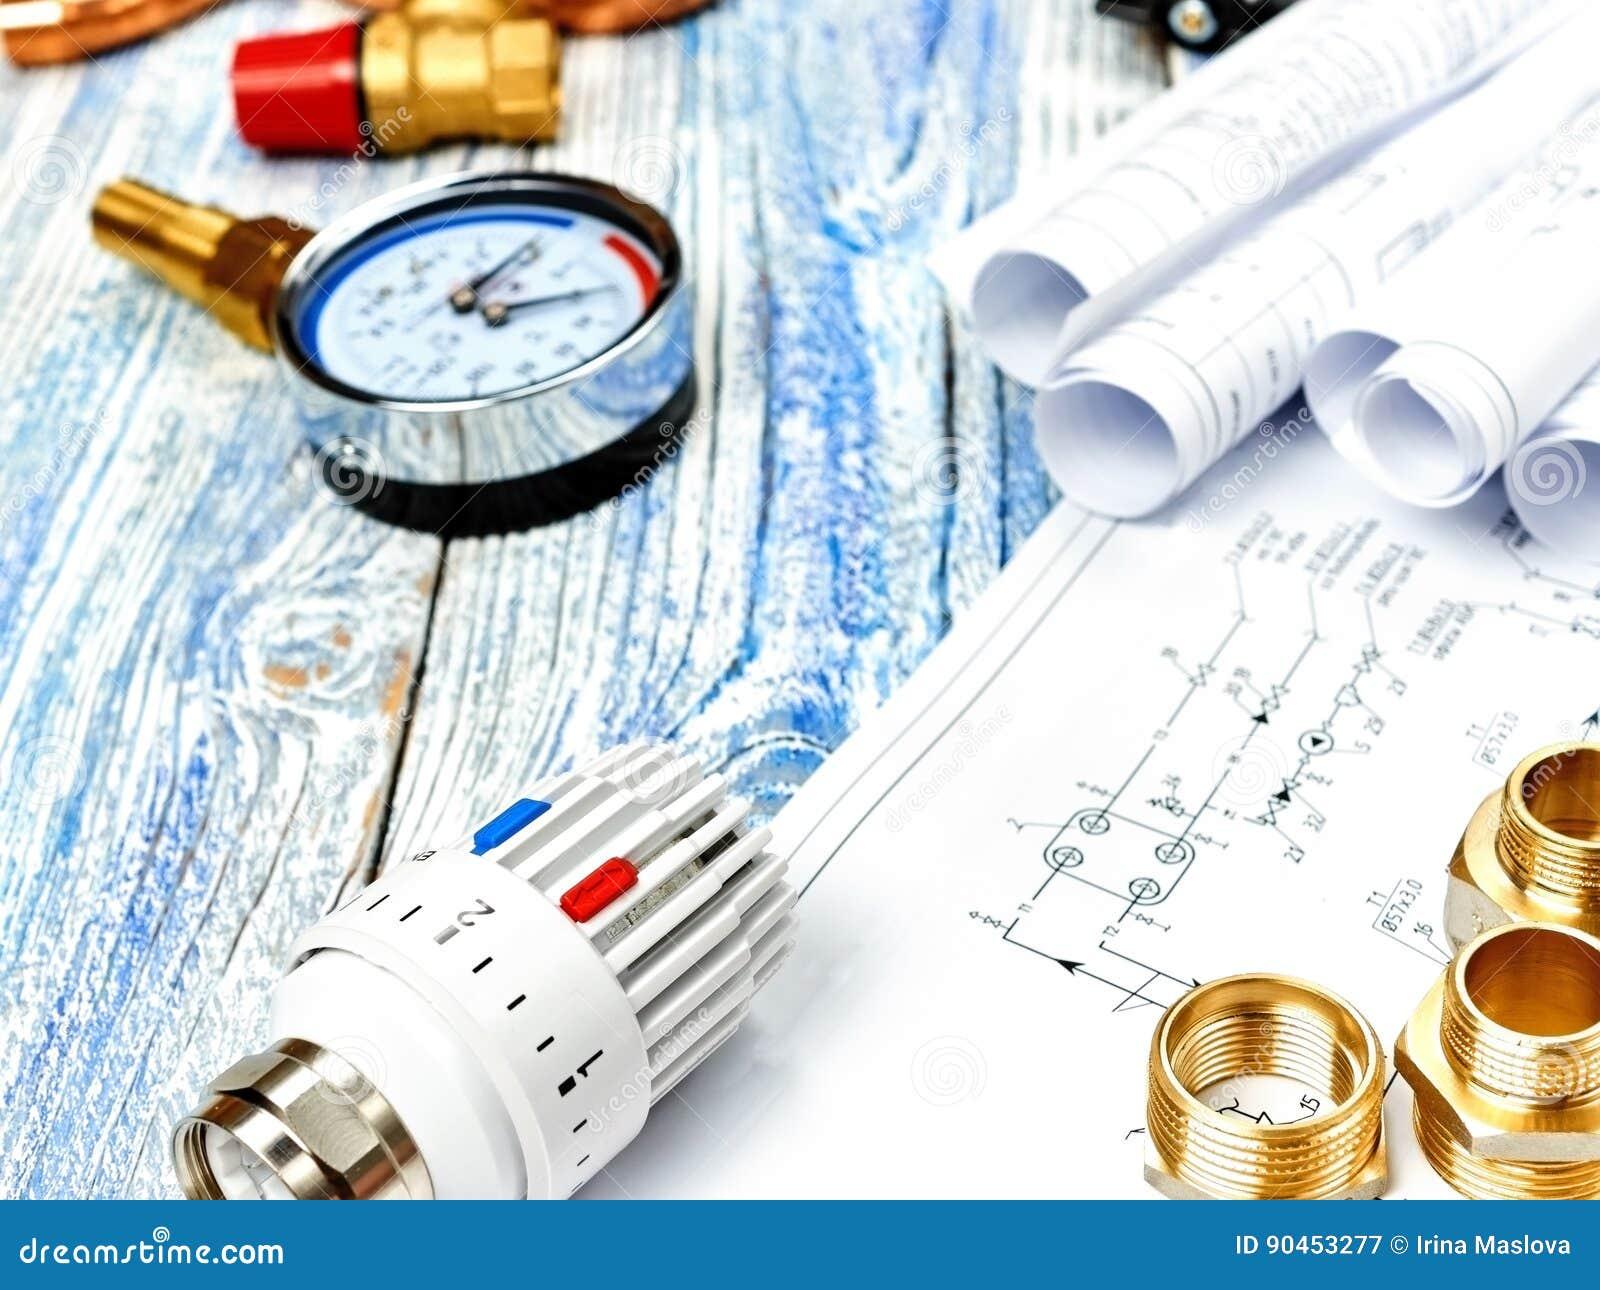 Θέρμανση εφαρμοσμένης μηχανικής Θέρμανση έννοιας Πρόγραμμα της θέρμανσης για το σπίτι